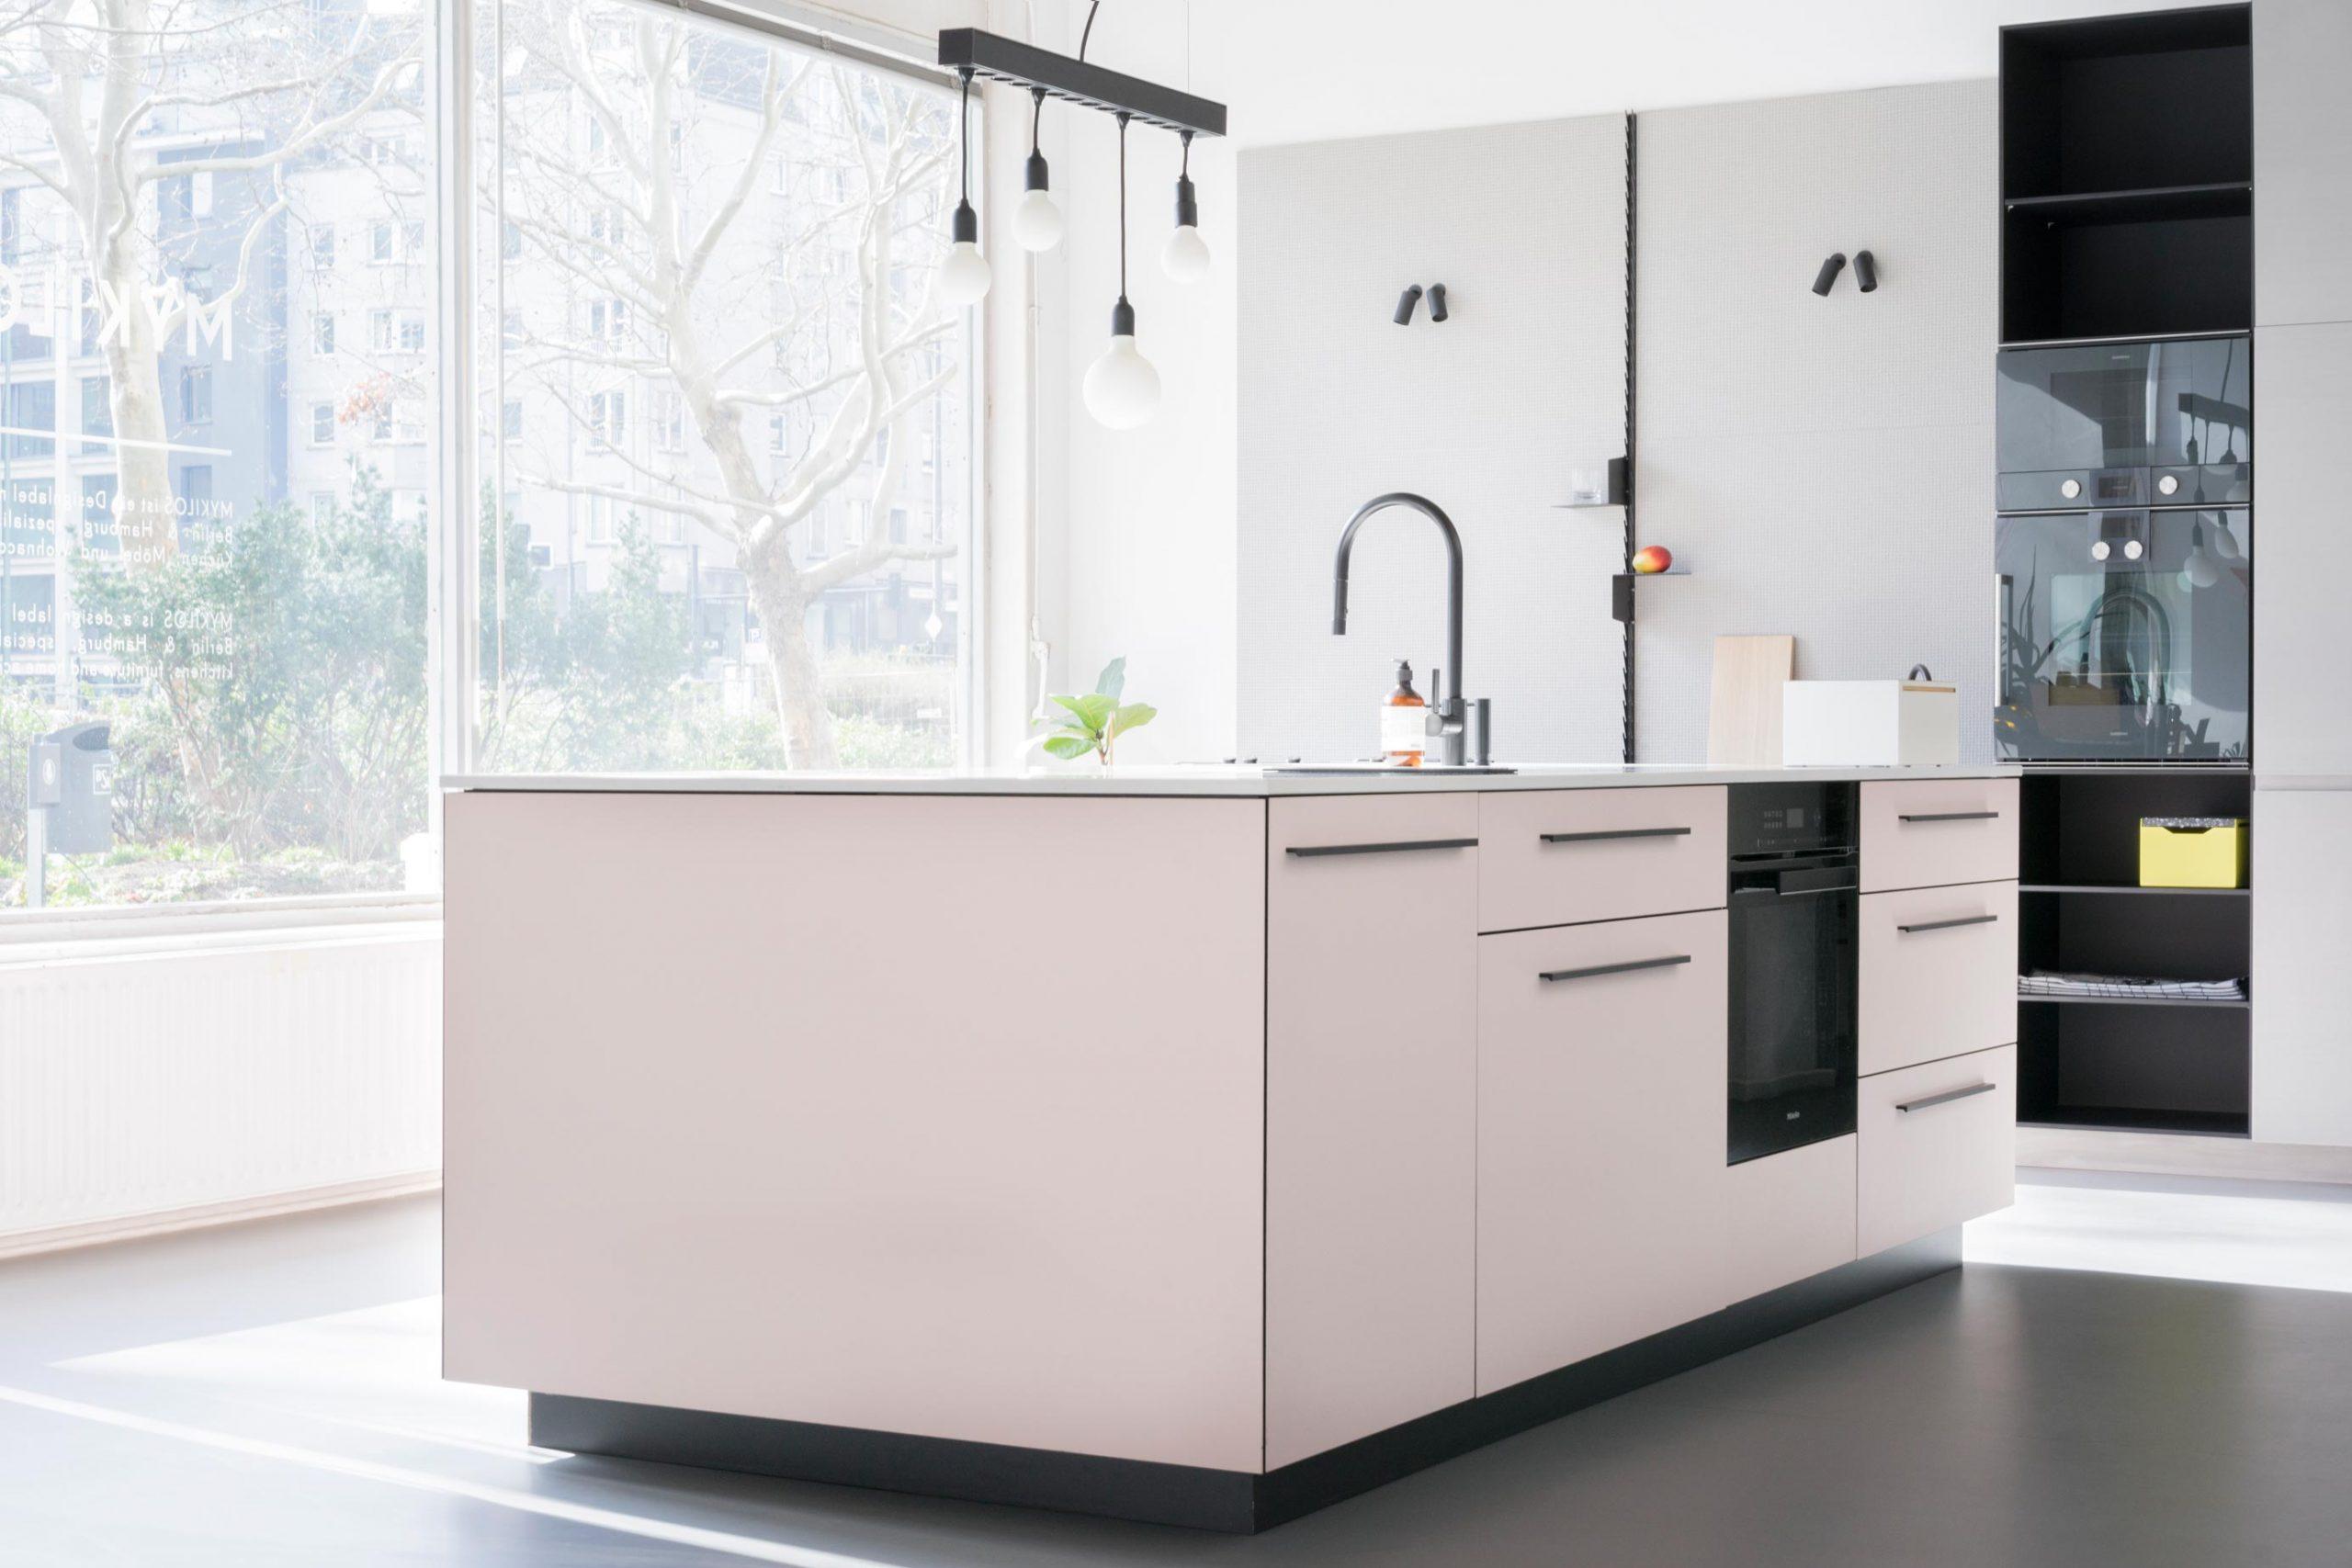 MK 2 Kitchen